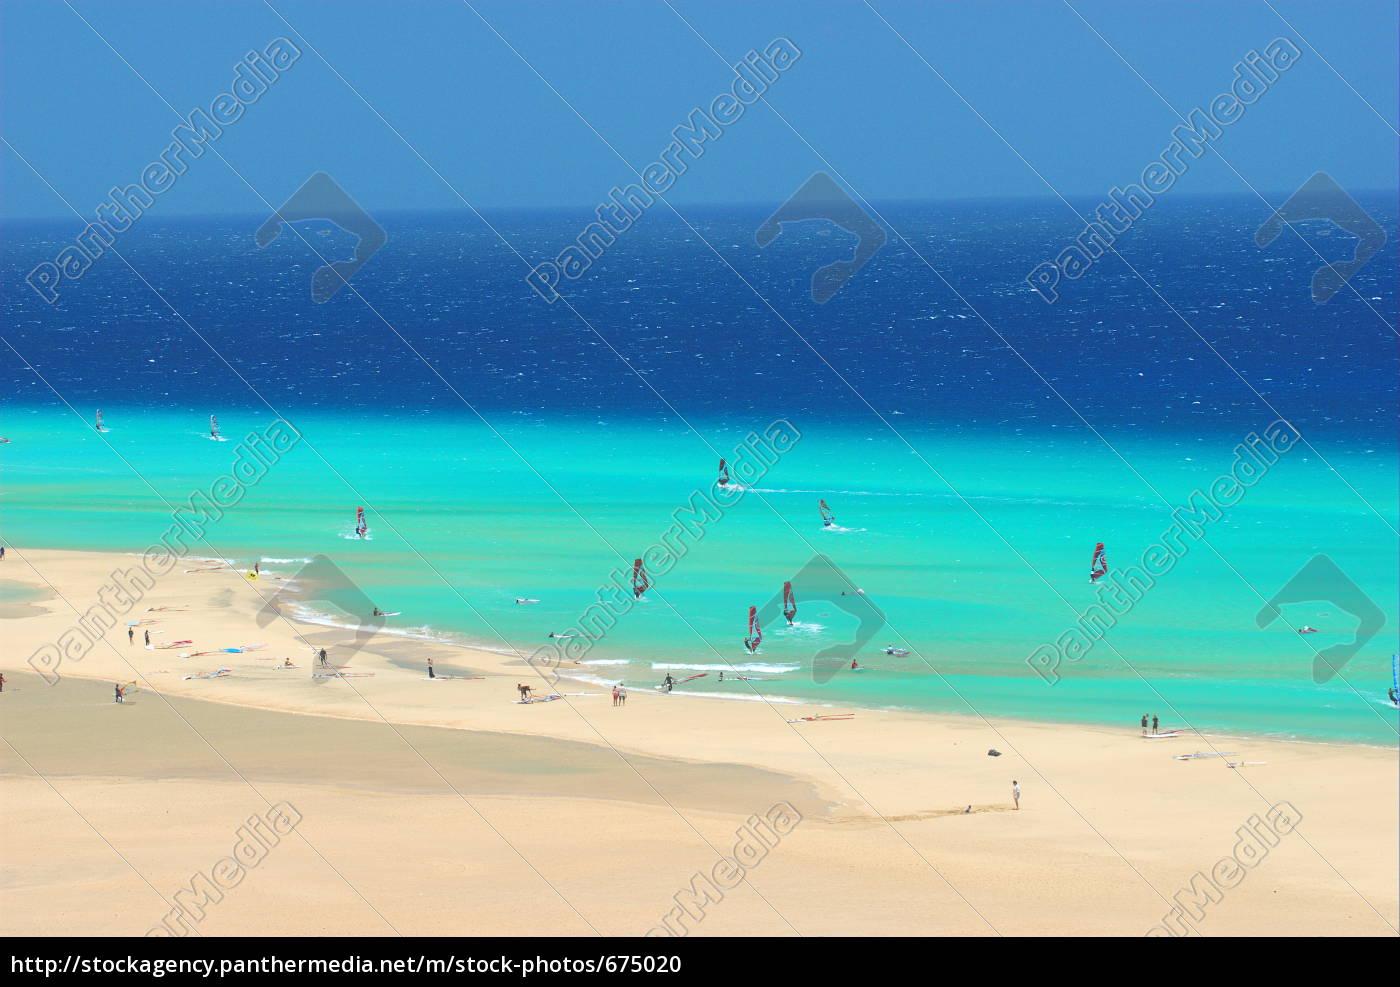 windsurfer, on, the, beach - 675020